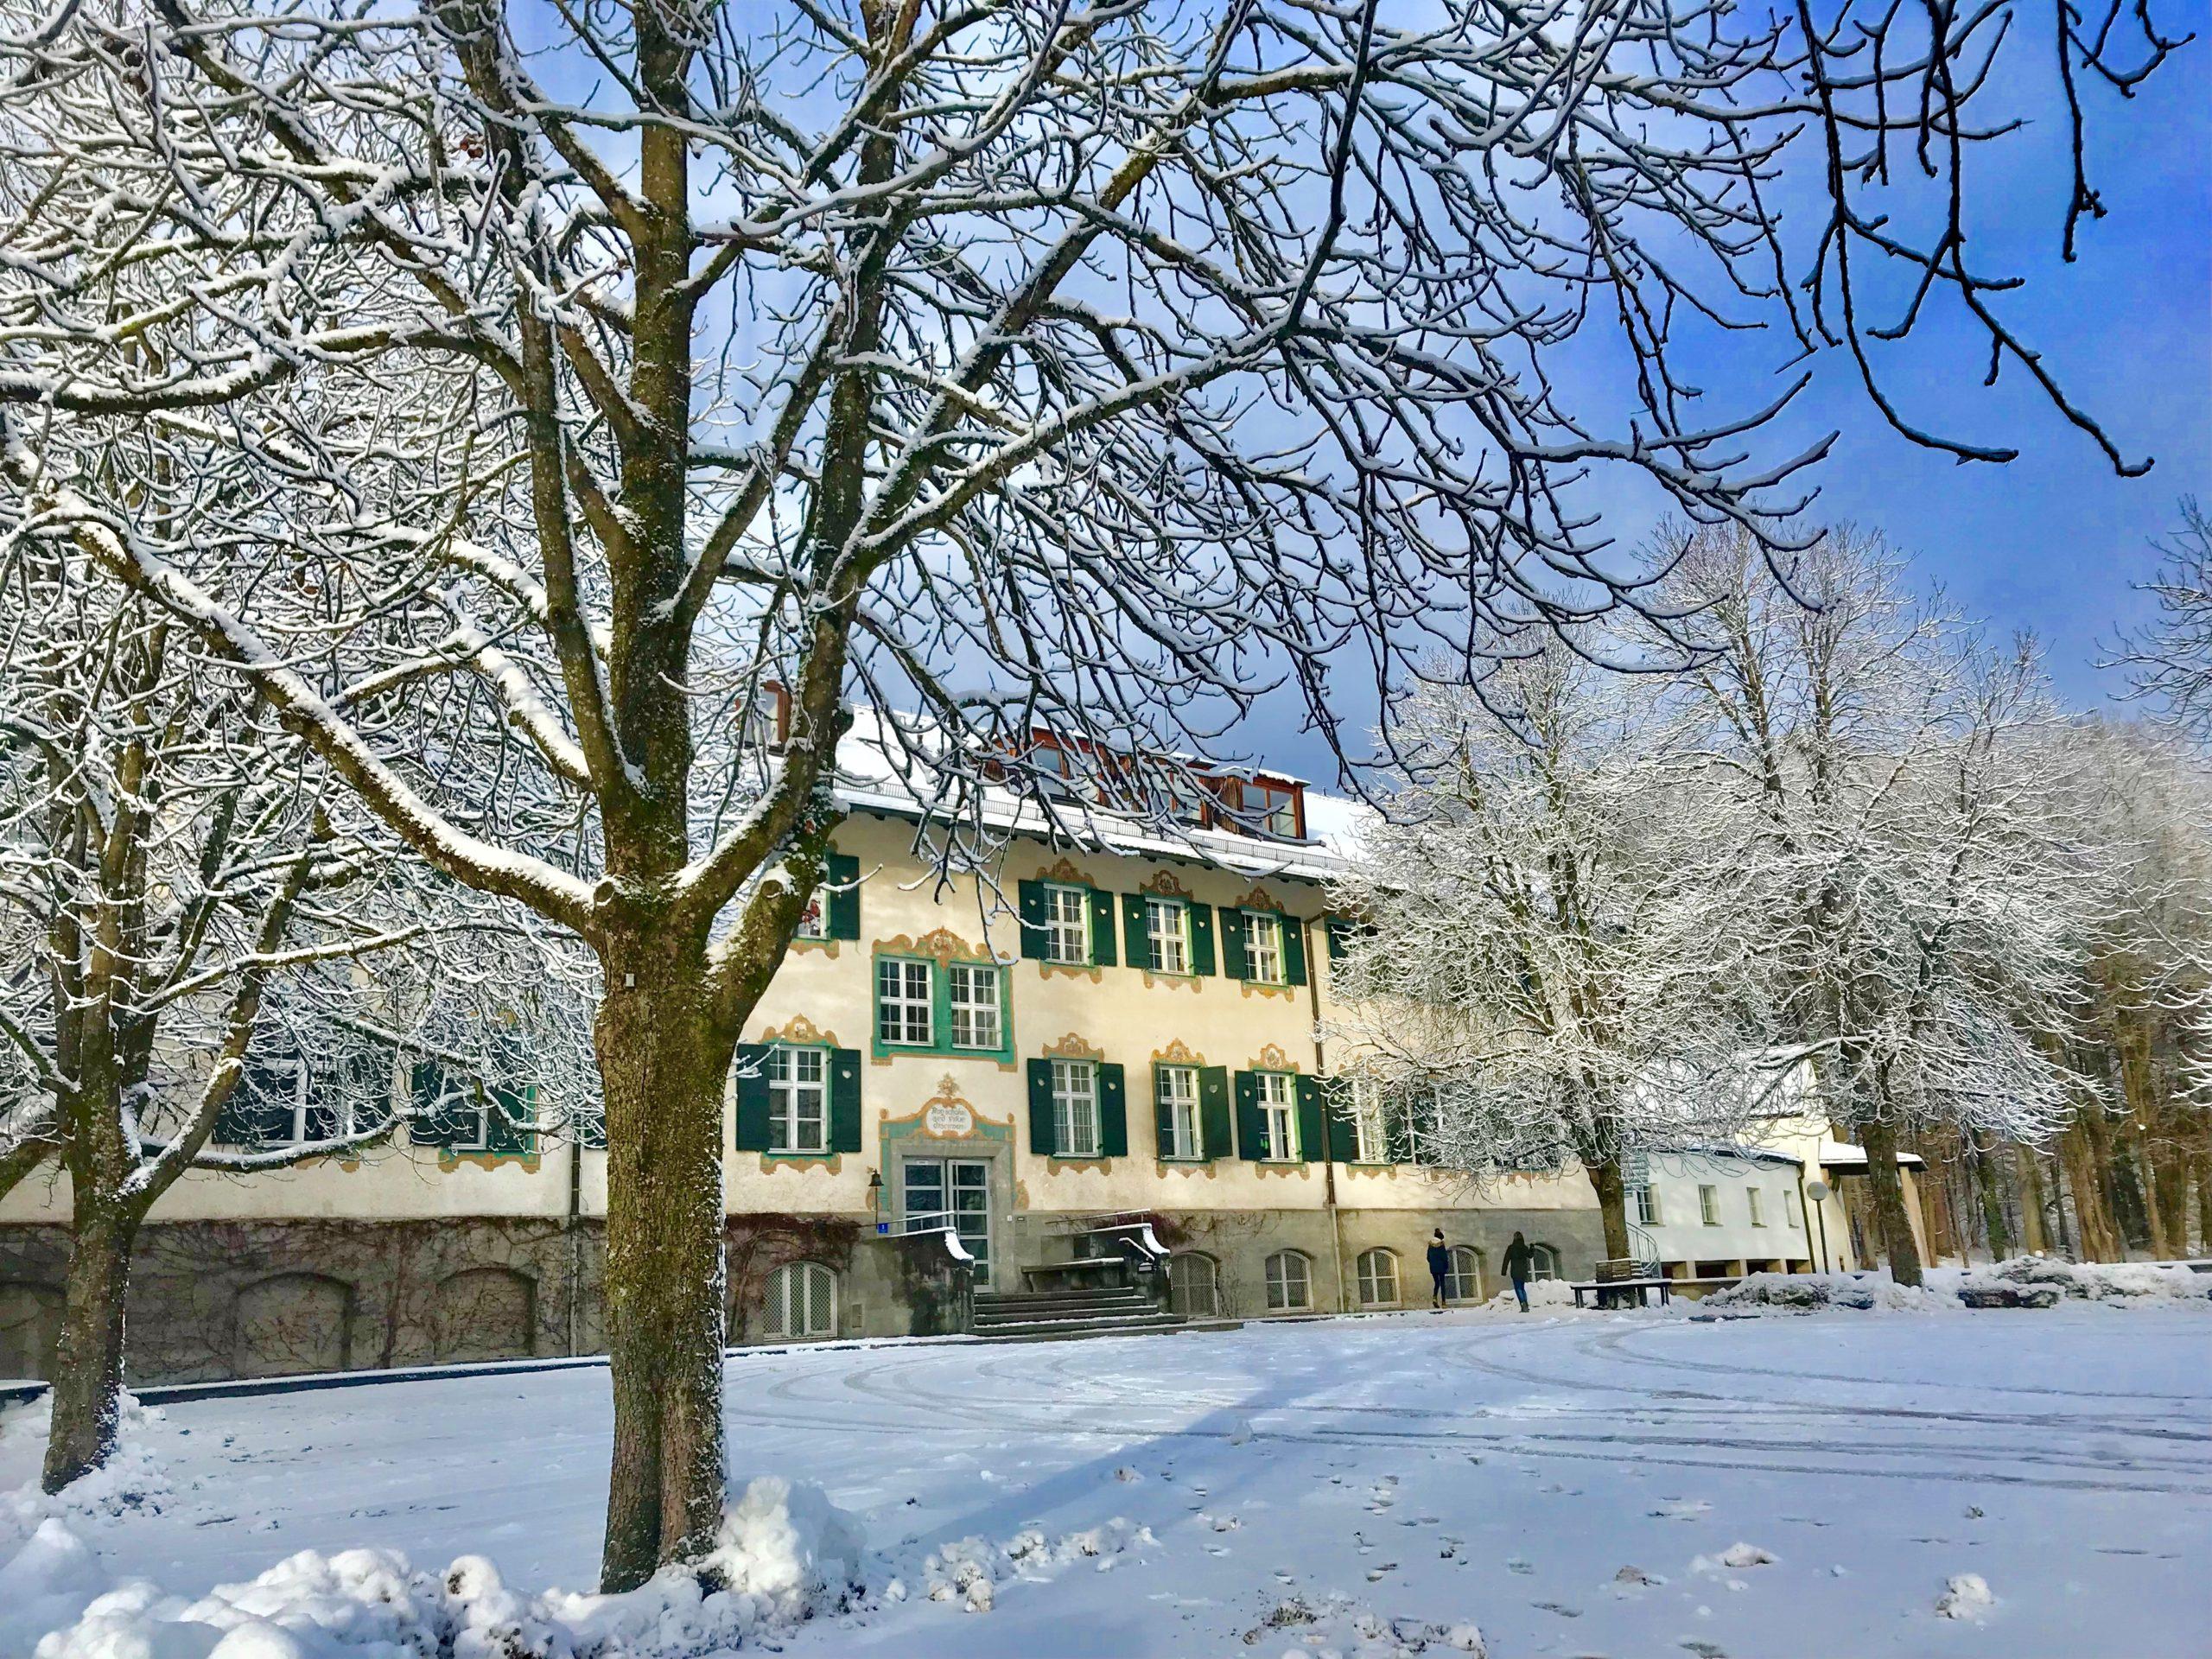 Das Landheim Ammersee ist ein Internat mit zwei Gymnasien und einer Grundschule sowie eine Stiftung in Schondorf am Ammersee. Der Campus mit insgesamt 27 Einzelgebäuden und eigenem Bootssteg liegt direkt am Ammersee.